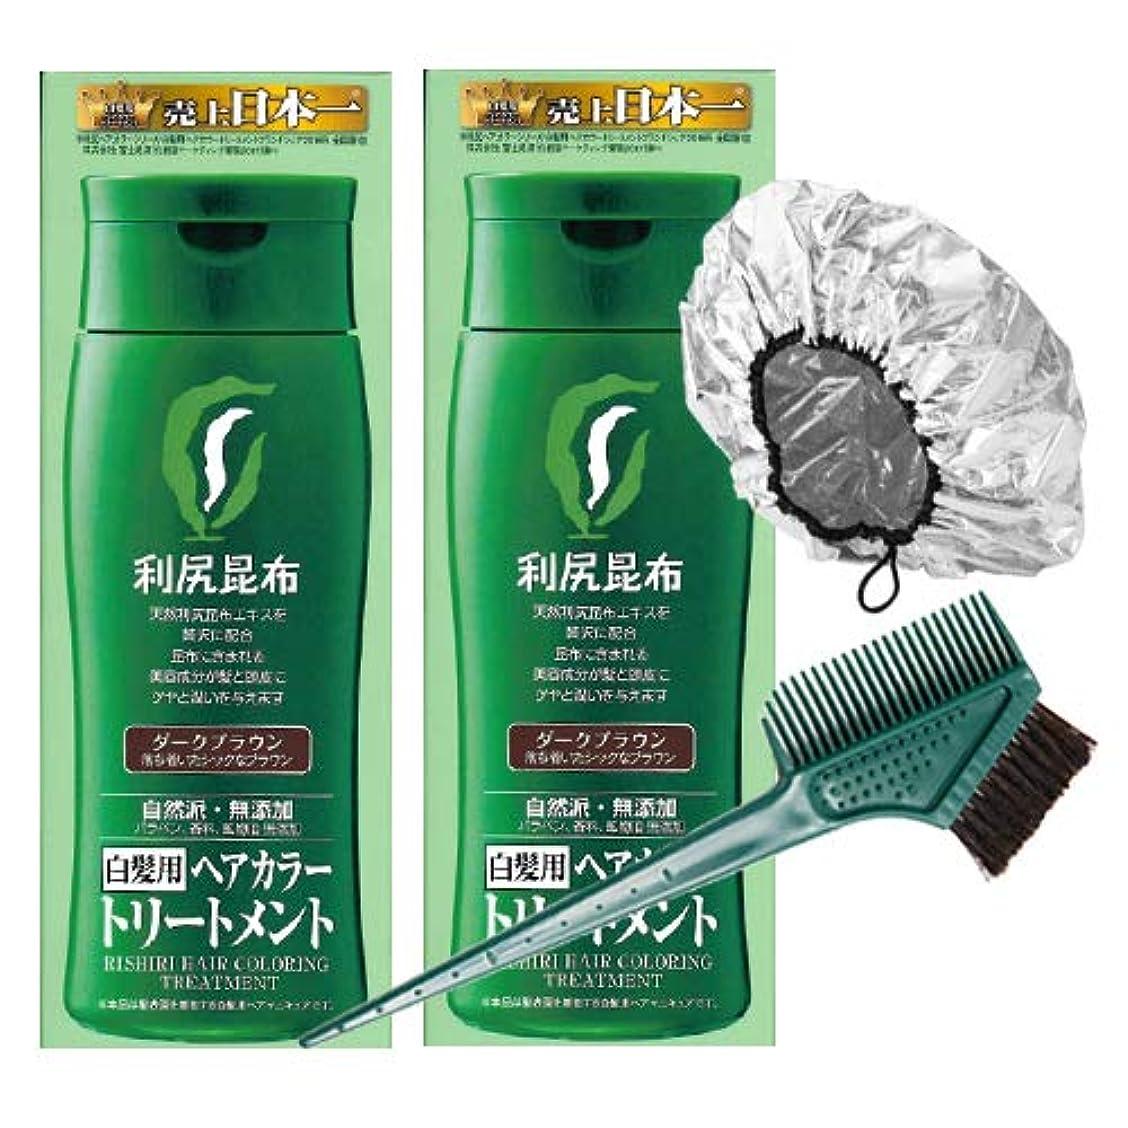 アヒルアラブサラボする必要がある利尻ヘアカラートリートメント白髪染め 200g×2本(ダークブラウン)&馬毛100%毛染めブラシ&専用キャップセット